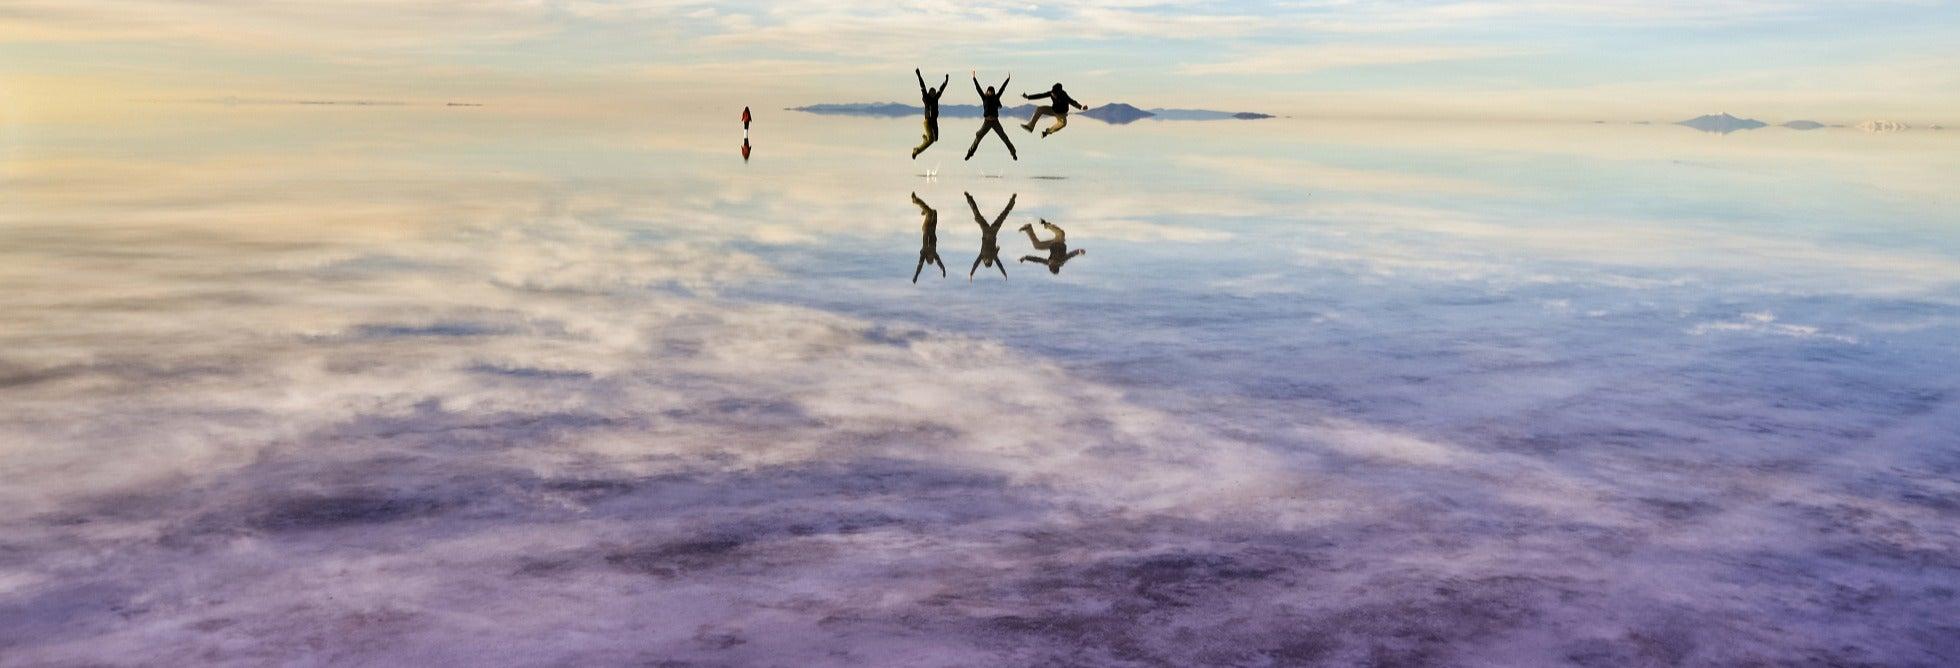 Escursione privata al Salar de Uyuni